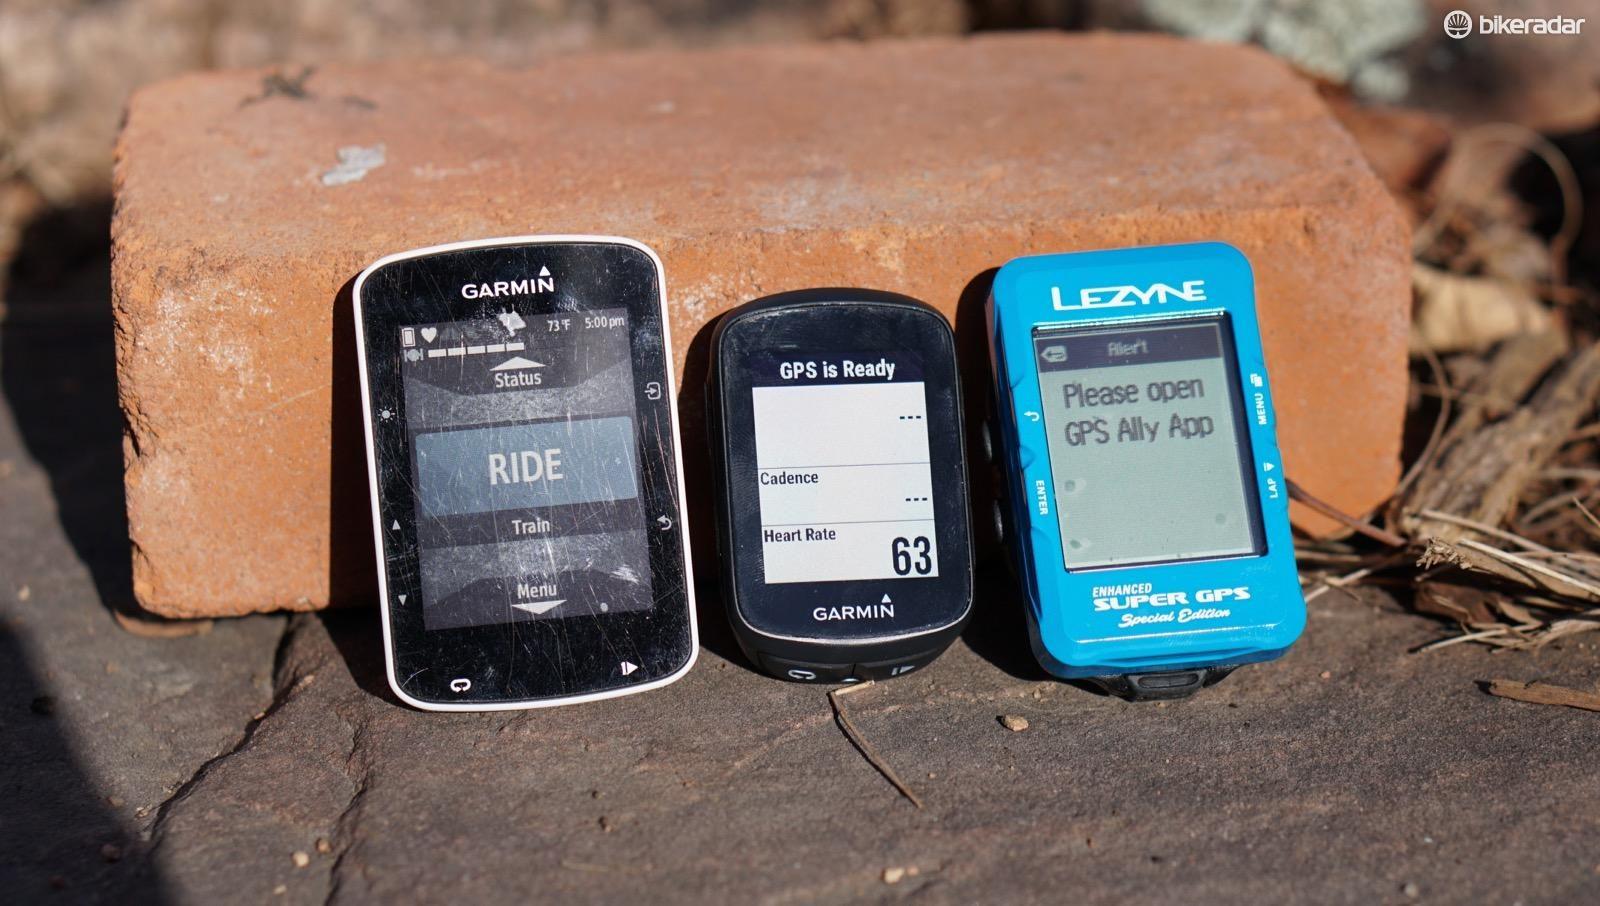 Garmin Edge 130 GPS Cycling Computer